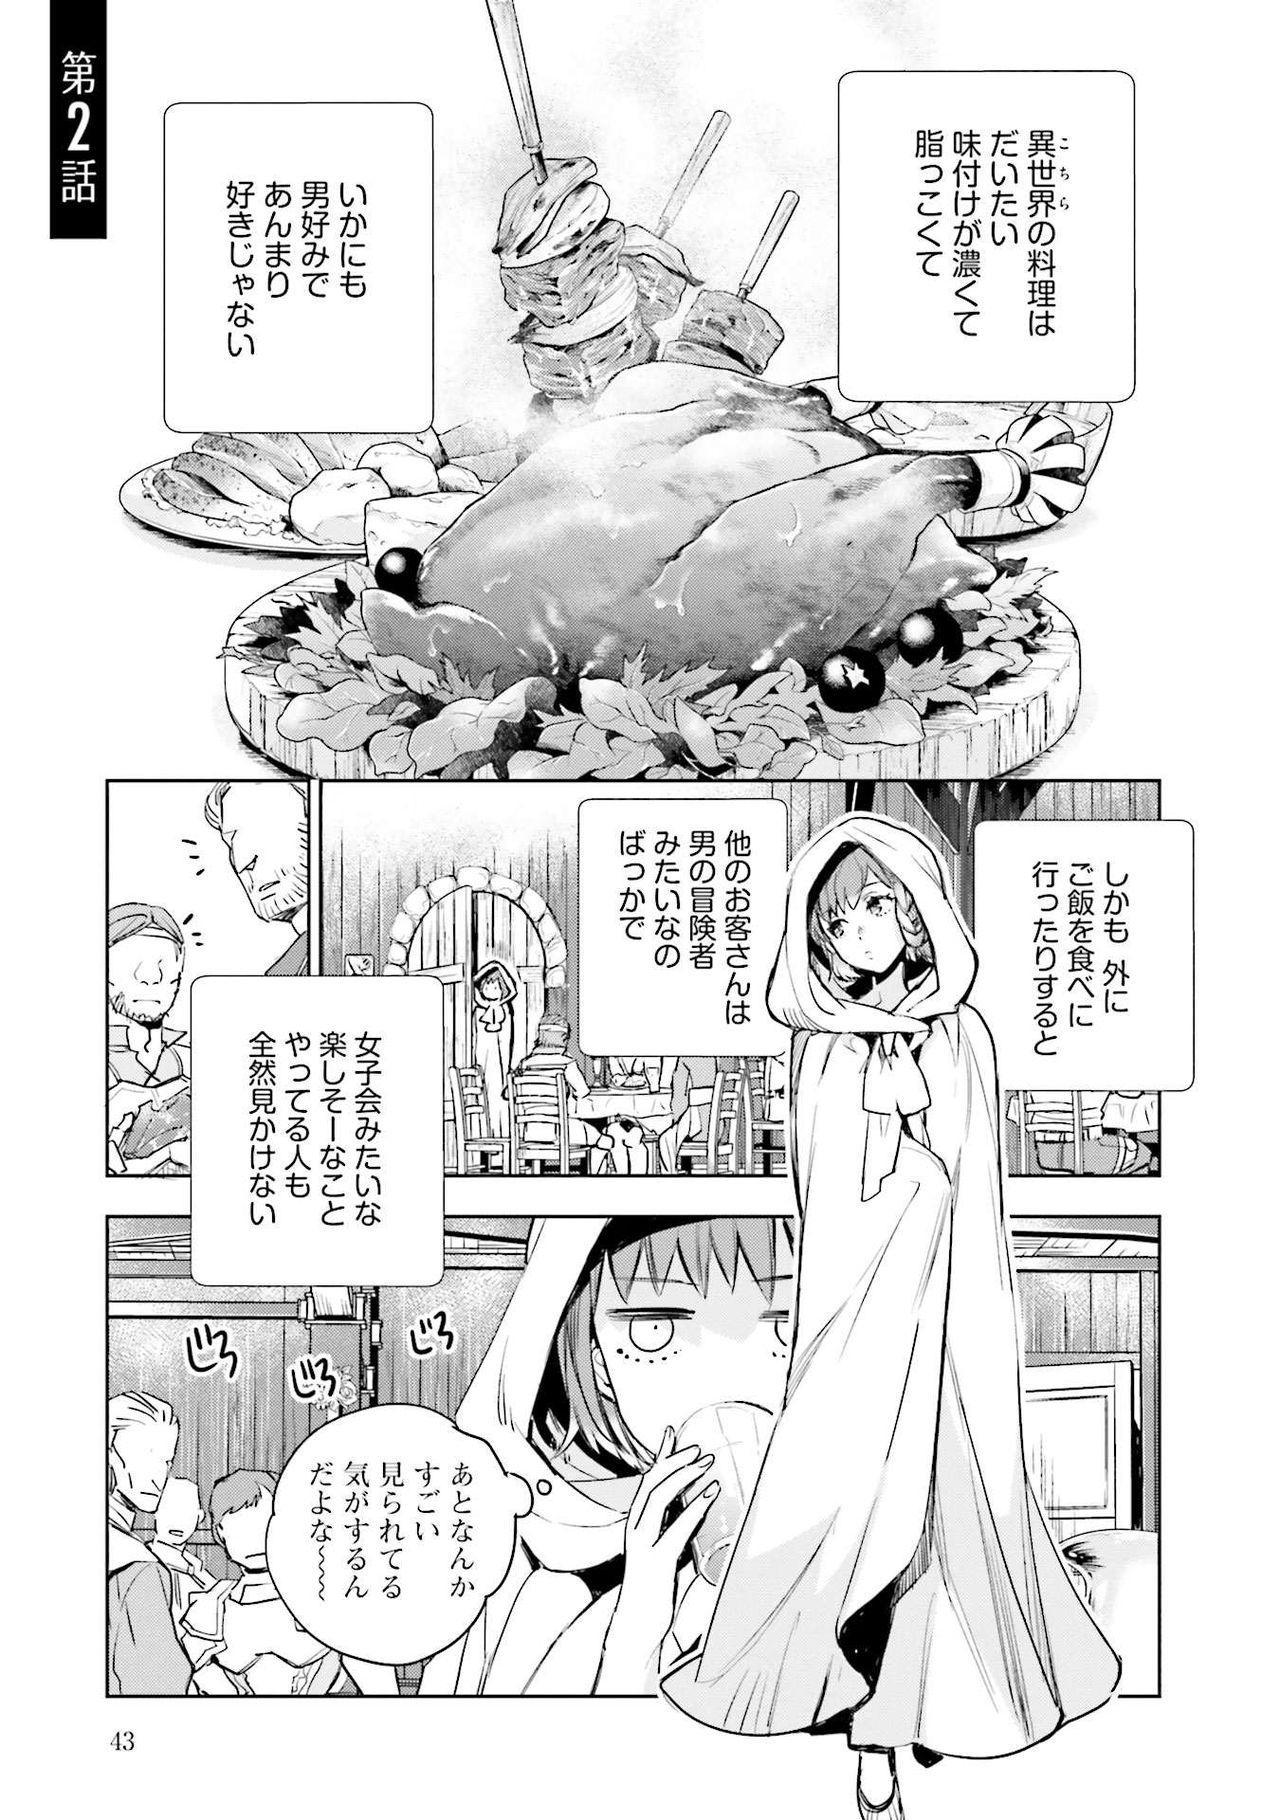 JK Haru wa Isekai de Shoufu ni Natta 1-14 44